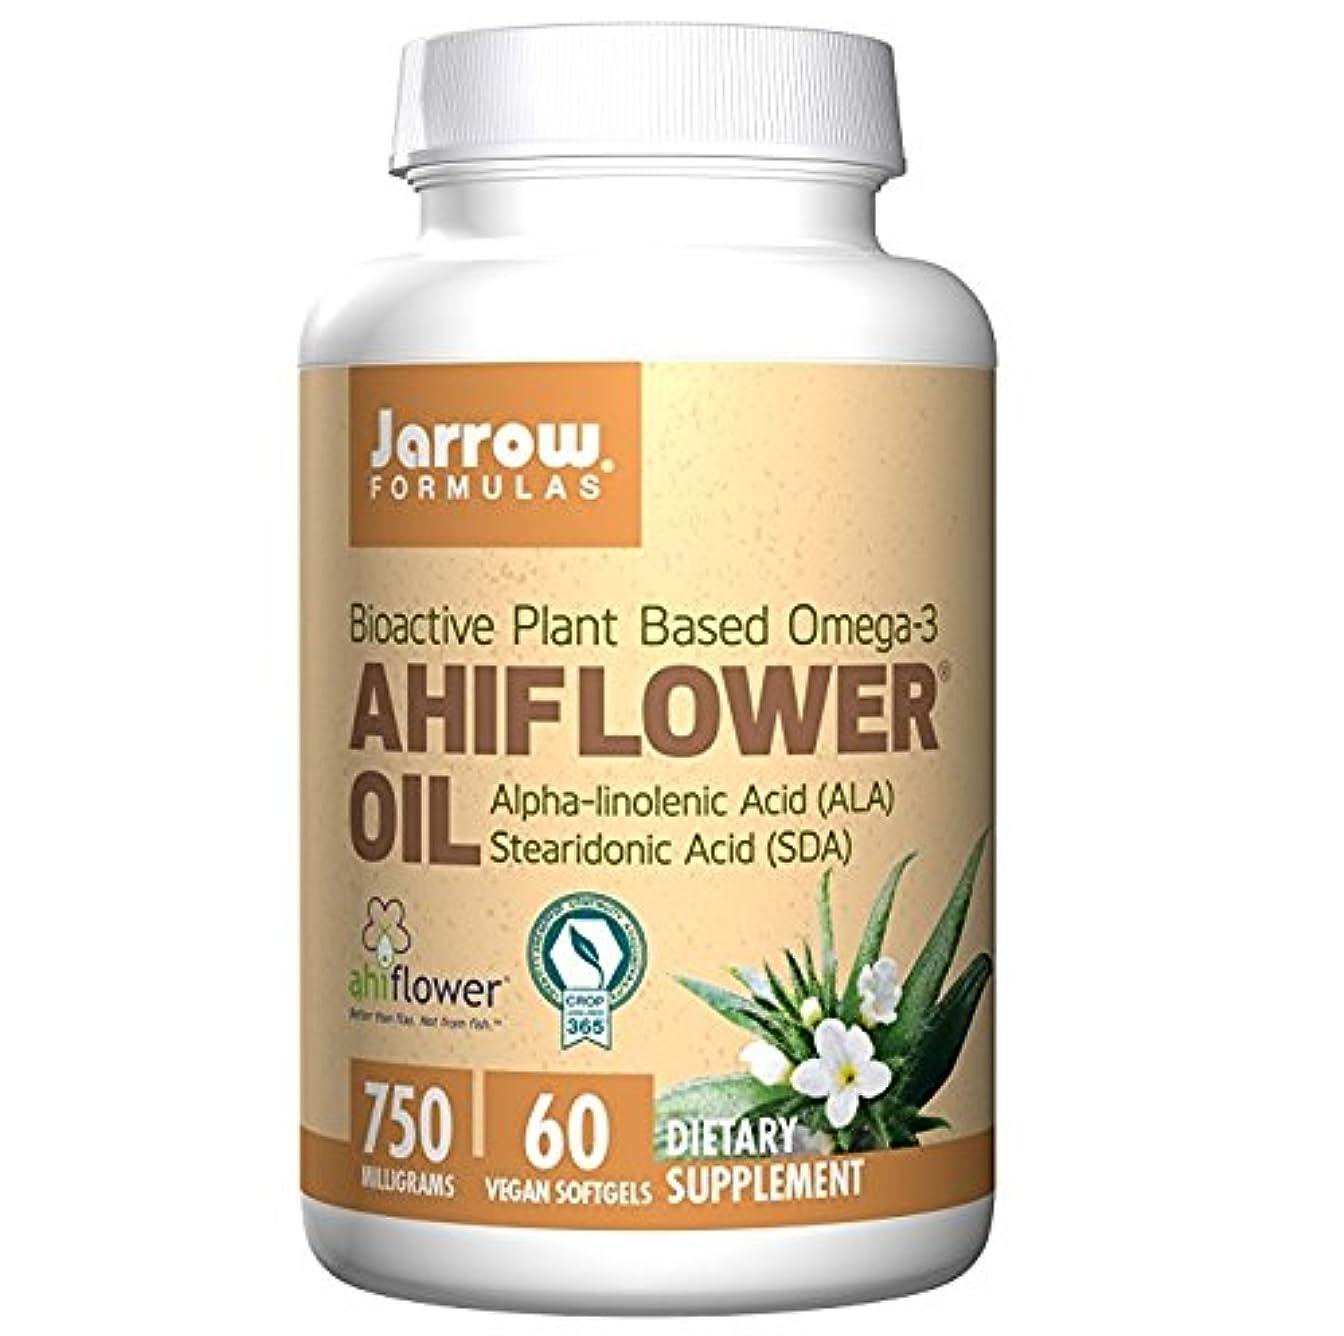 放送ブラザーハブブ【海外直送品】Jarrow Formulas - Ahiflower Oil - 60ソフトジェル アヒフラワー